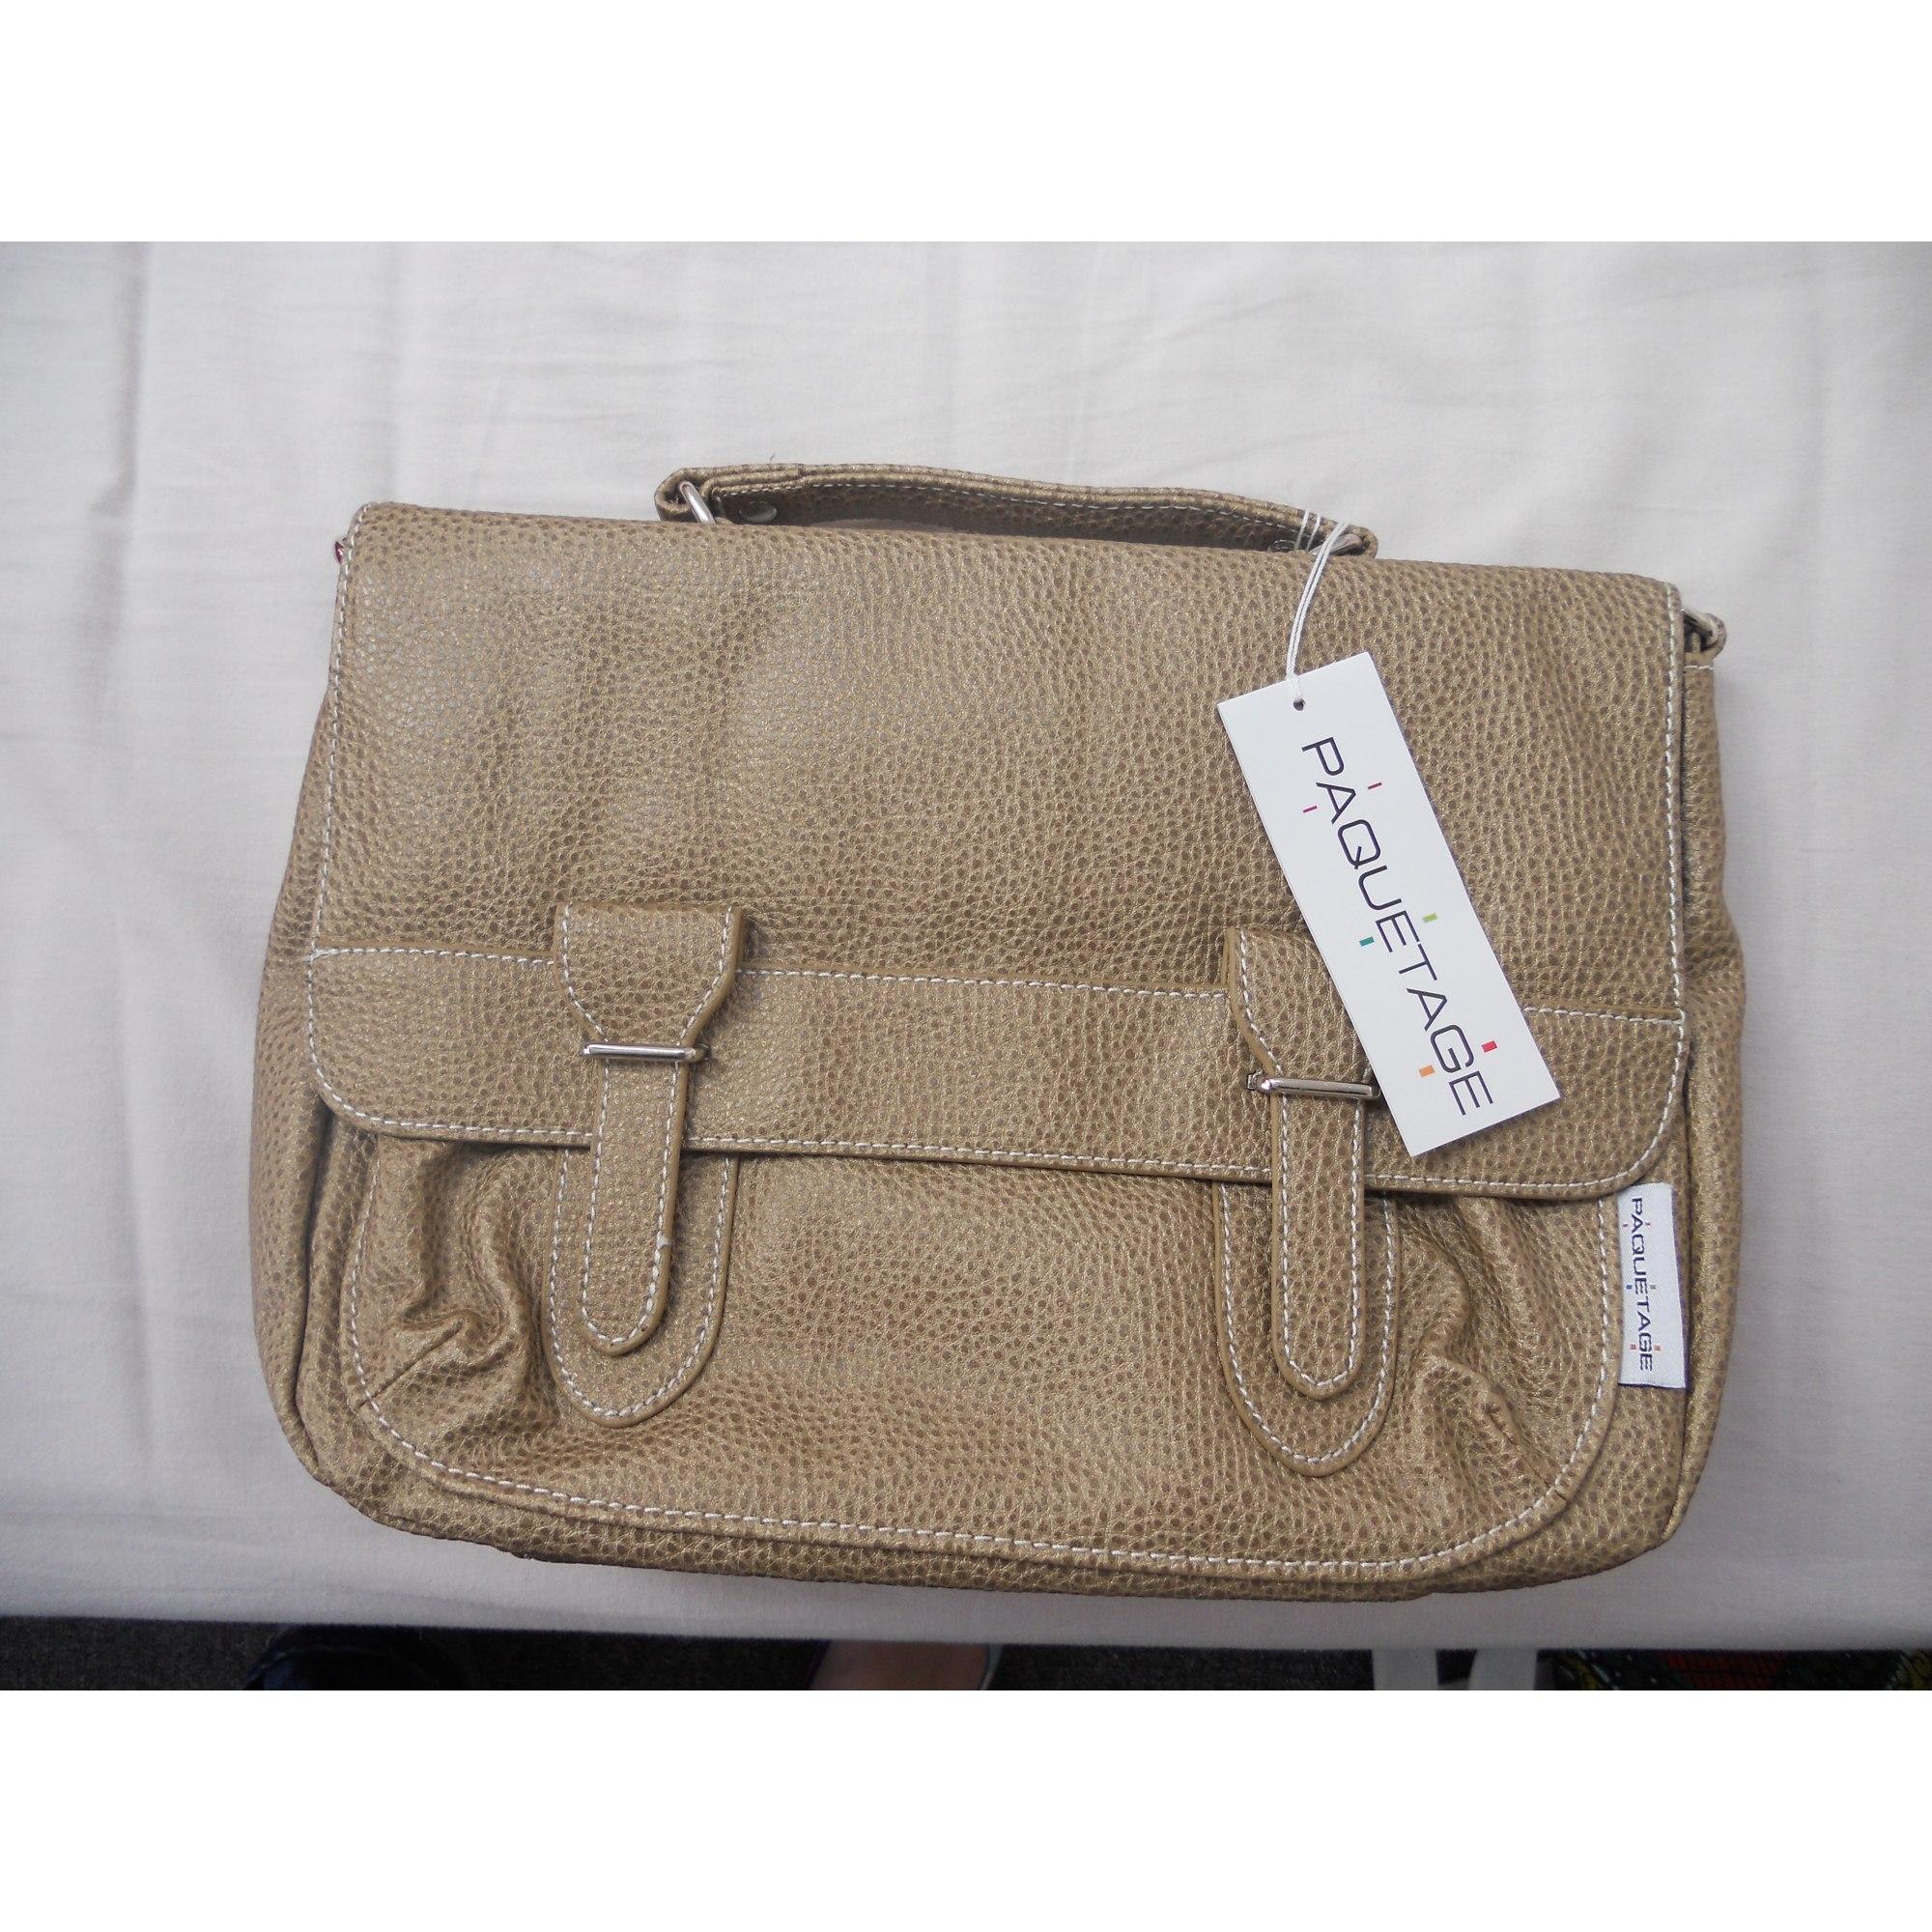 f83ef402f9 Sac en bandoulière en cuir PAQUETAGE blanc vendu par Kro 76 - 1348081